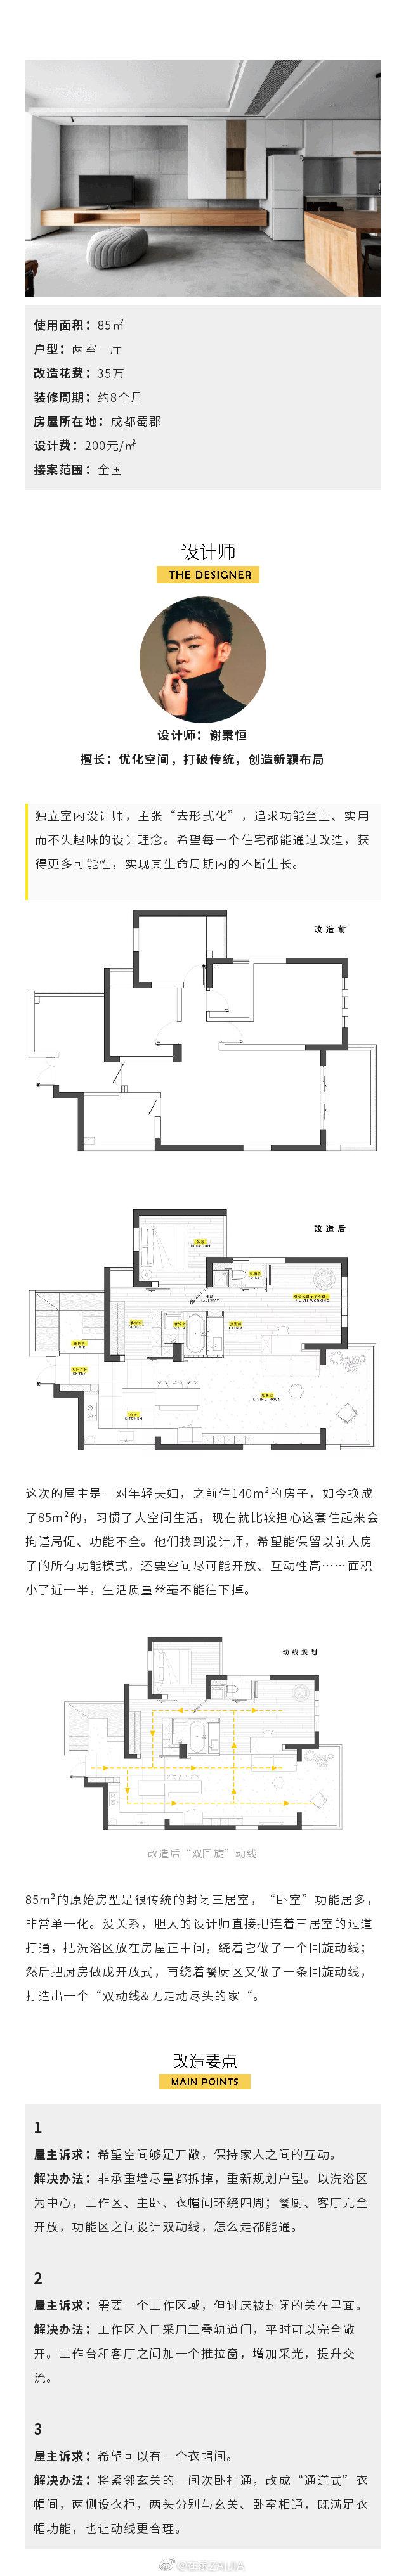 """这个案例85m的原始房型是很传统的封闭三居室,""""卧室""""功能居多"""